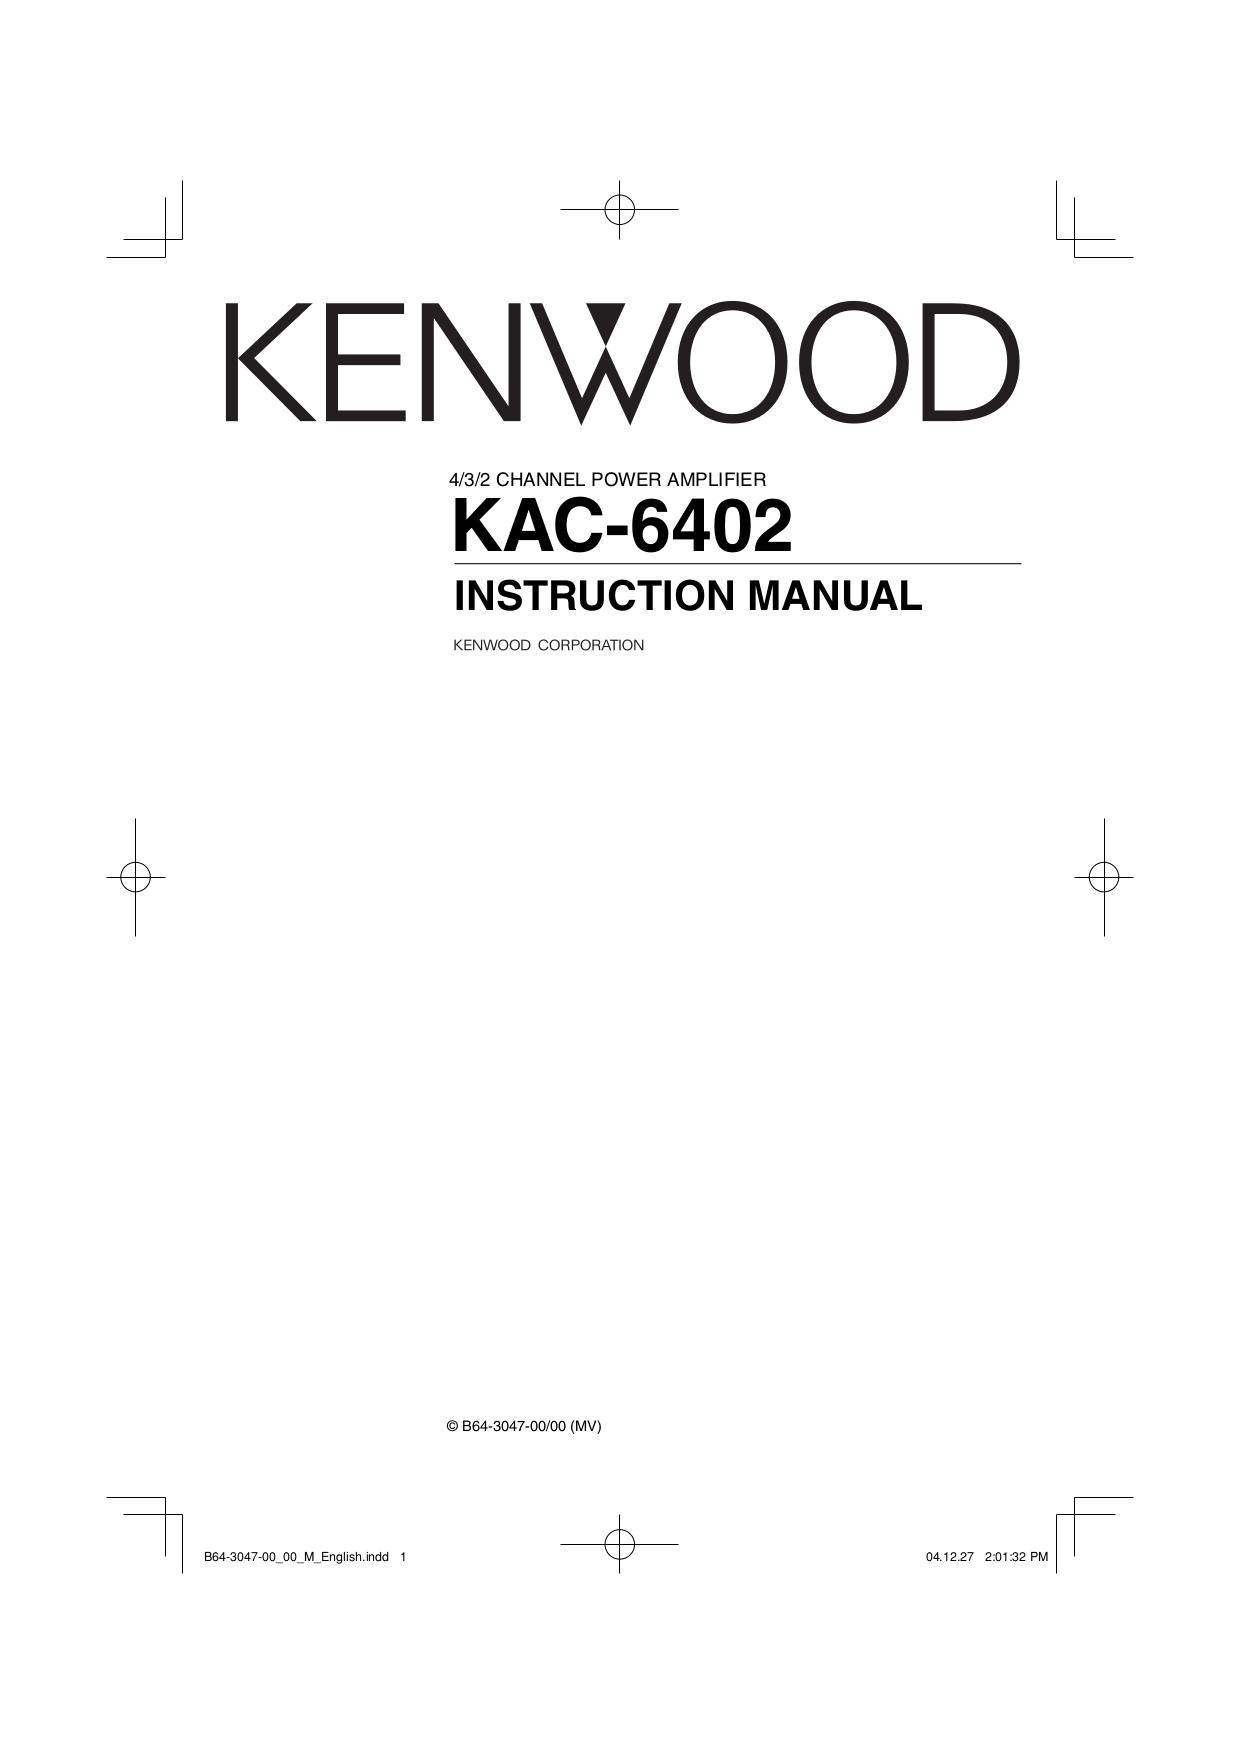 Download free pdf for Kenwood KAC-6402 Car Amplifier manual